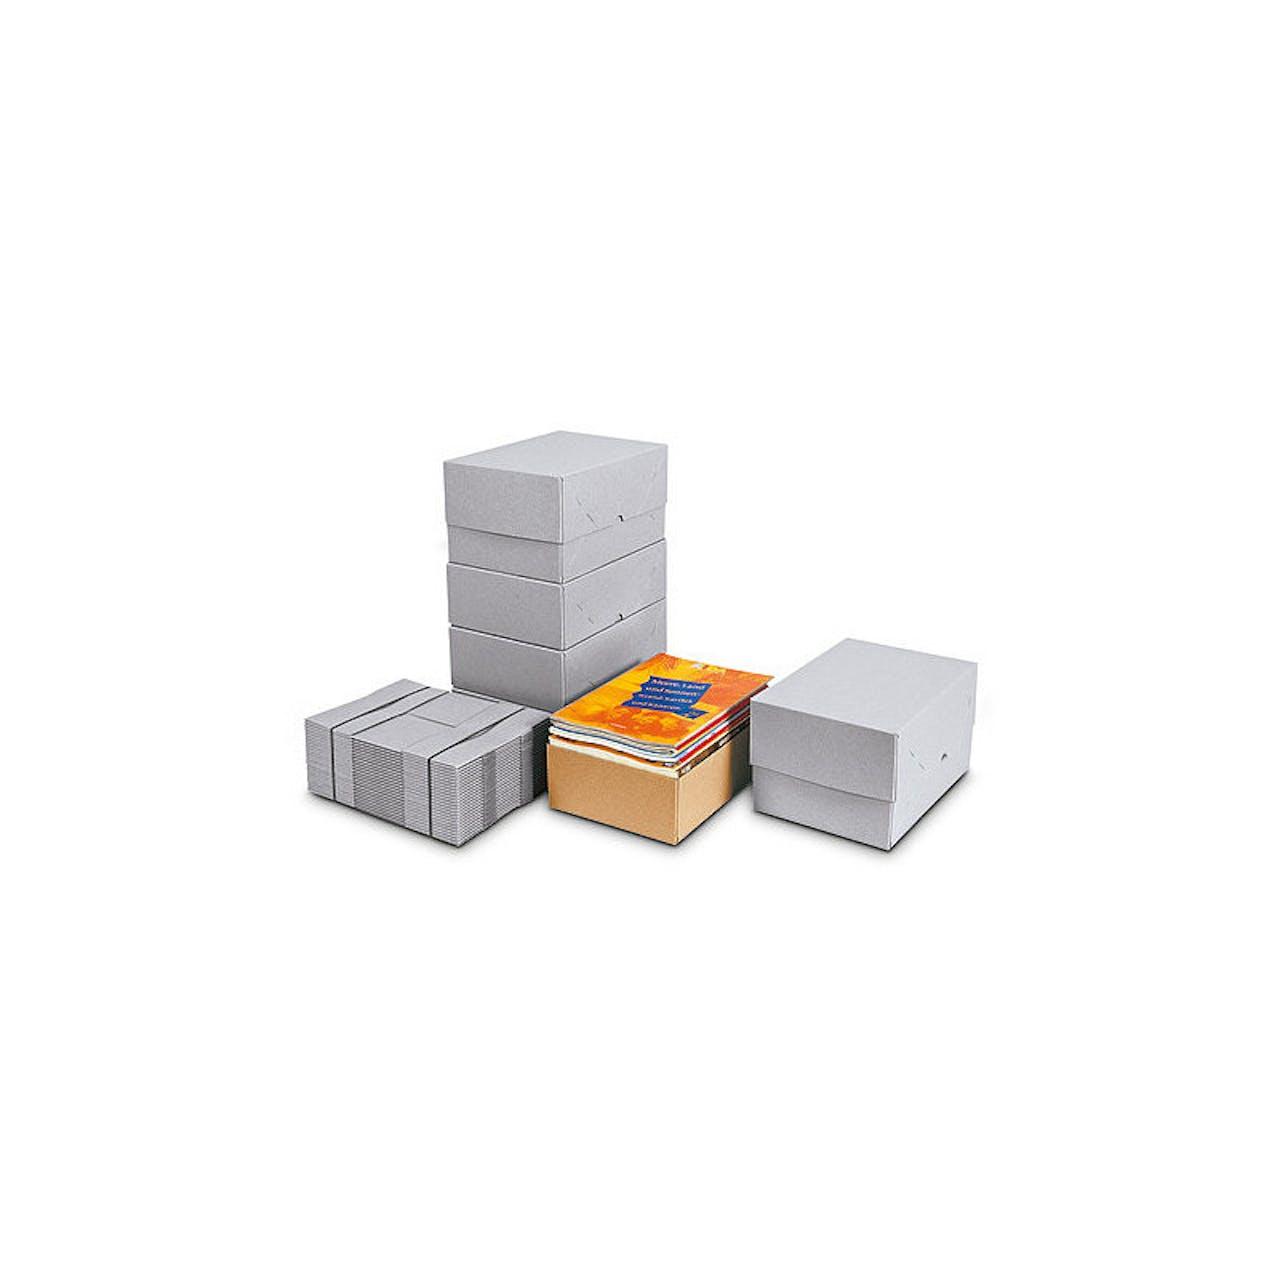 Stülpdeckel-Aufrichtekarton, 305 x 215 x 50 mm, grau, 600 g/m² Papiergewicht